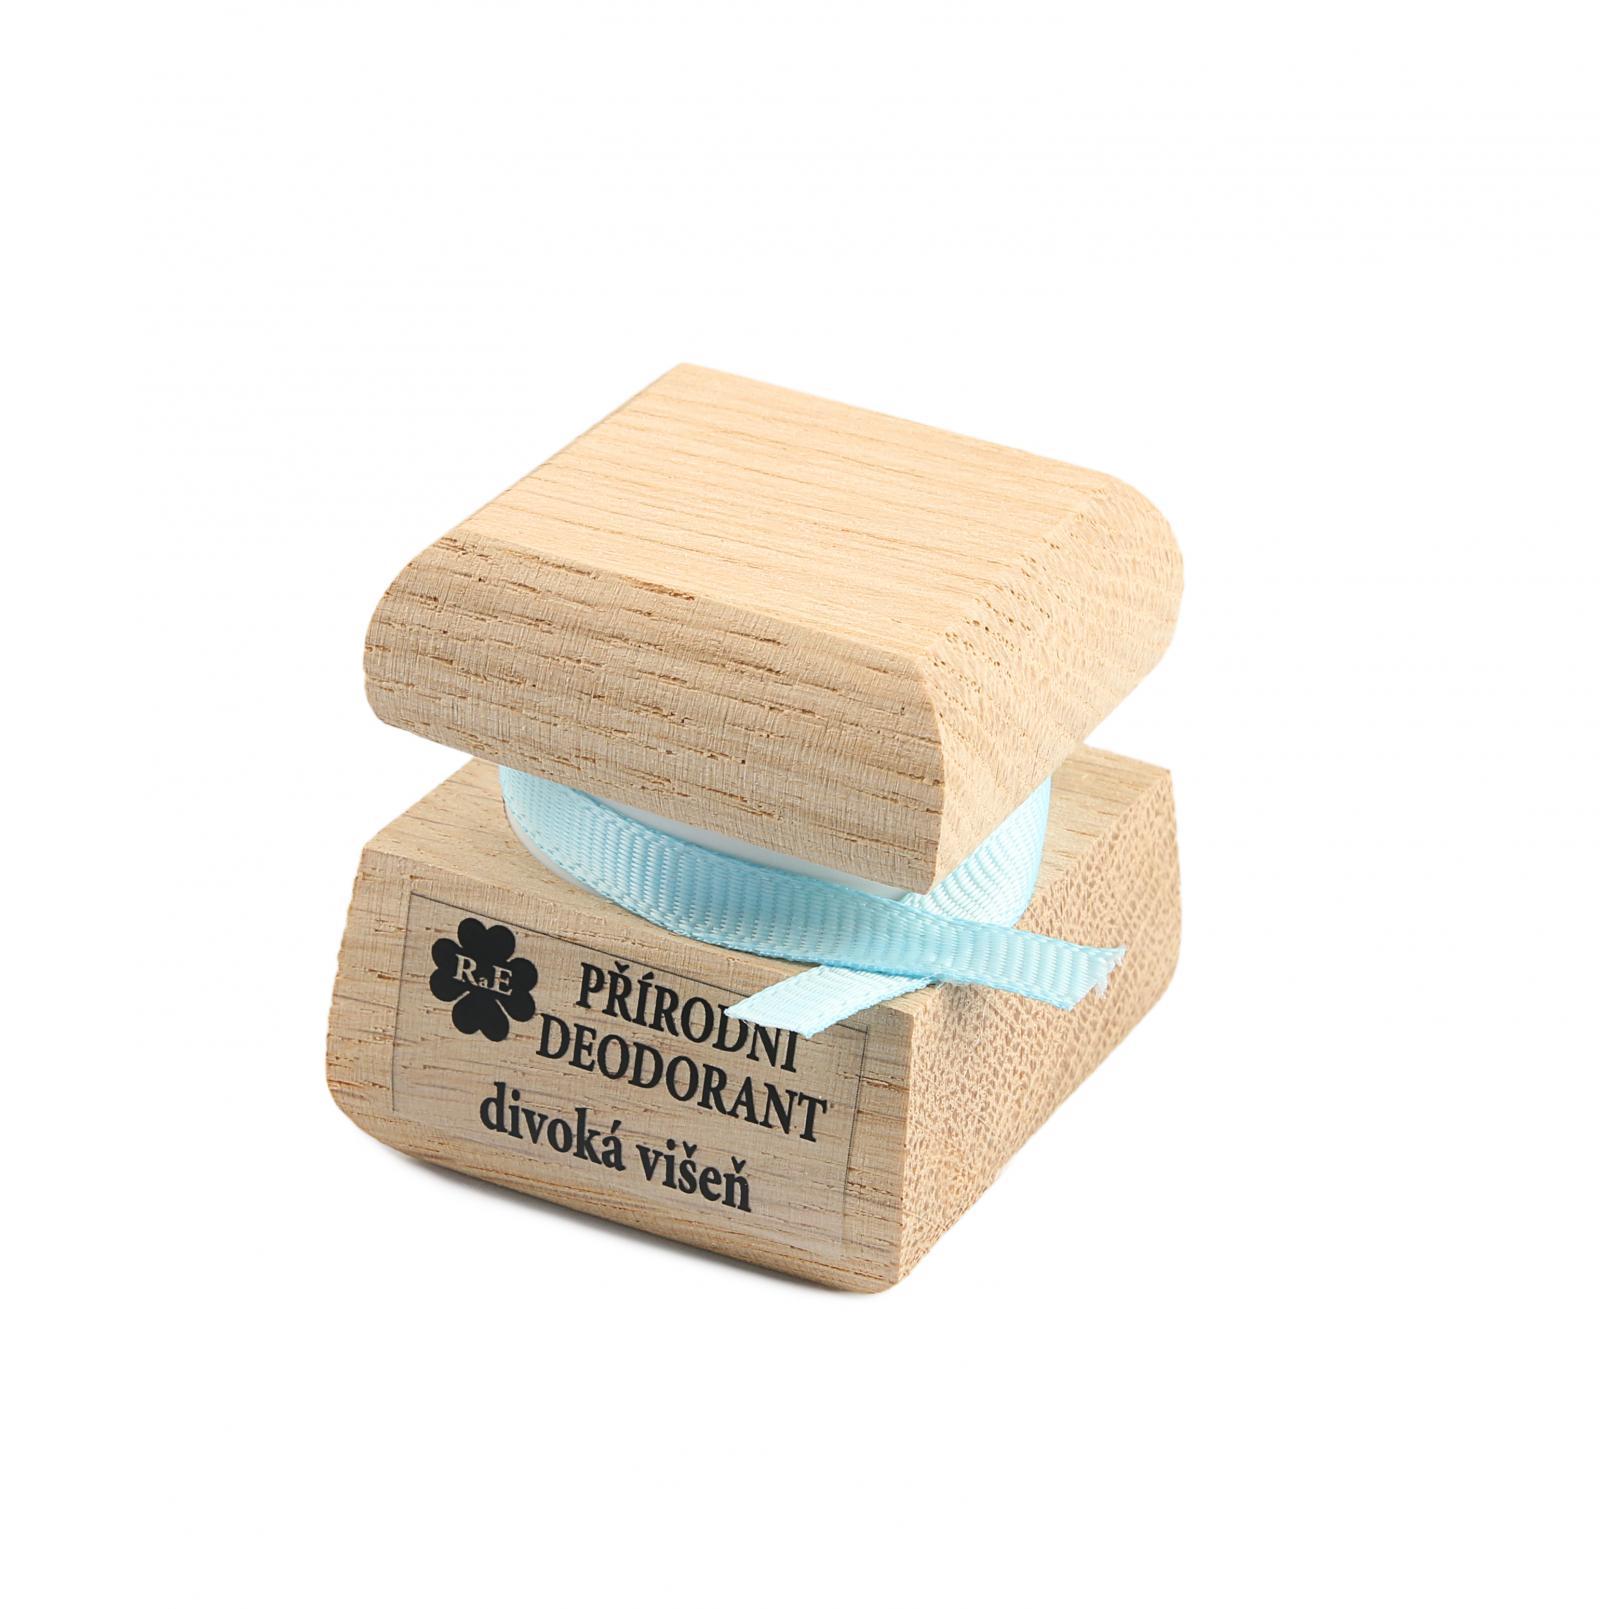 RaE Přírodní krémový deodorant s vůní divoké višně 15 ml dřevěný obal